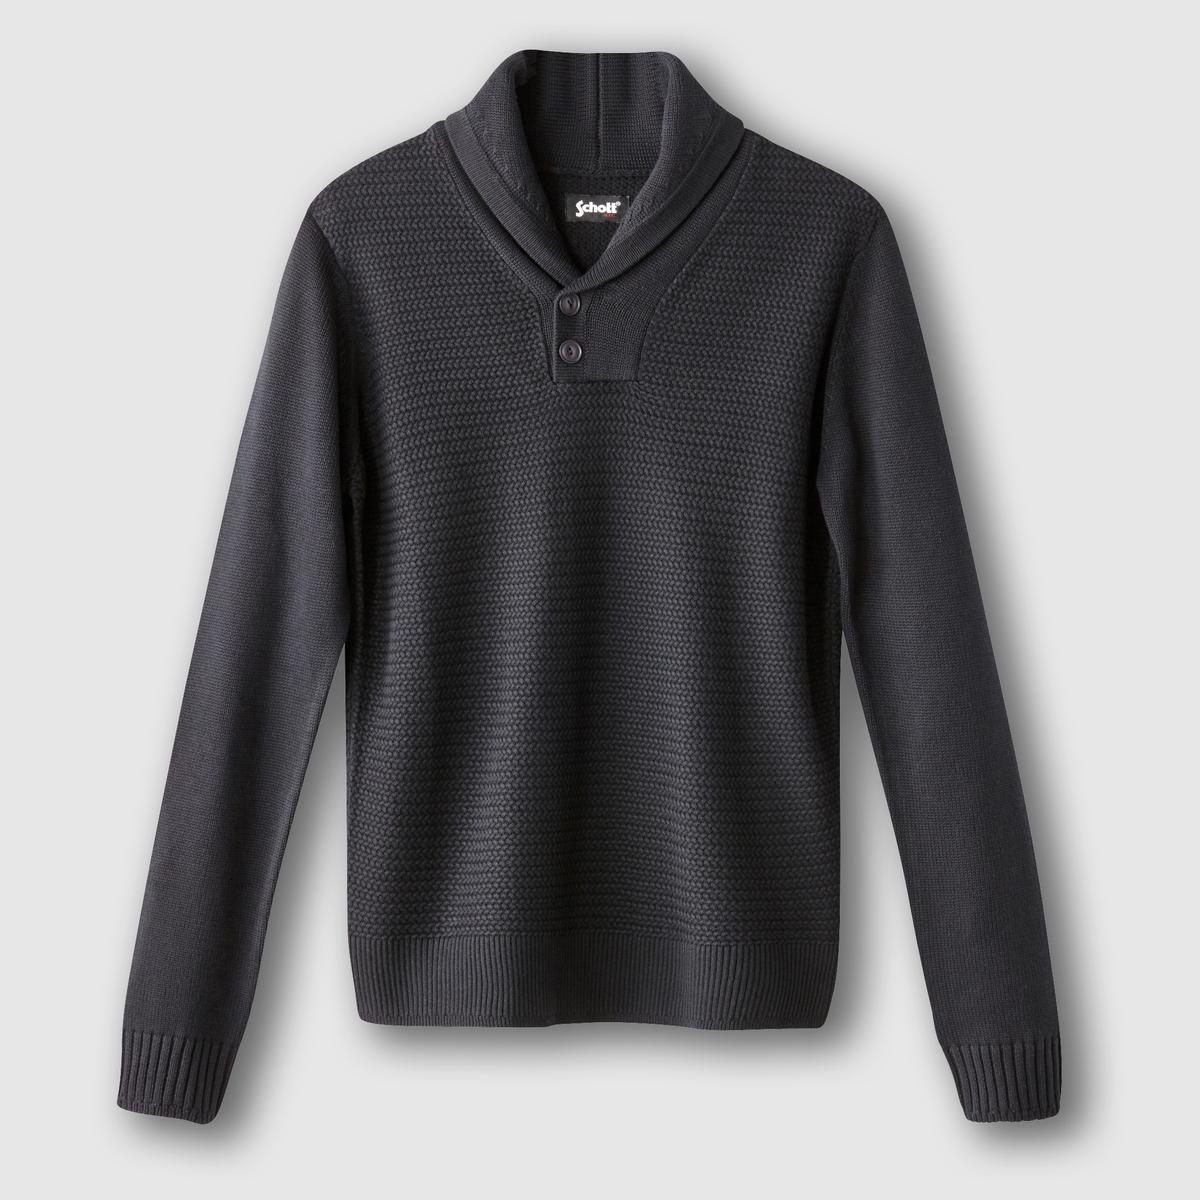 ПуловерСостав и описание:Материал: 50% хлопка, 50% акрила.Марка: SCHOTT.<br><br>Цвет: темно-синий,черный<br>Размер: M.XL